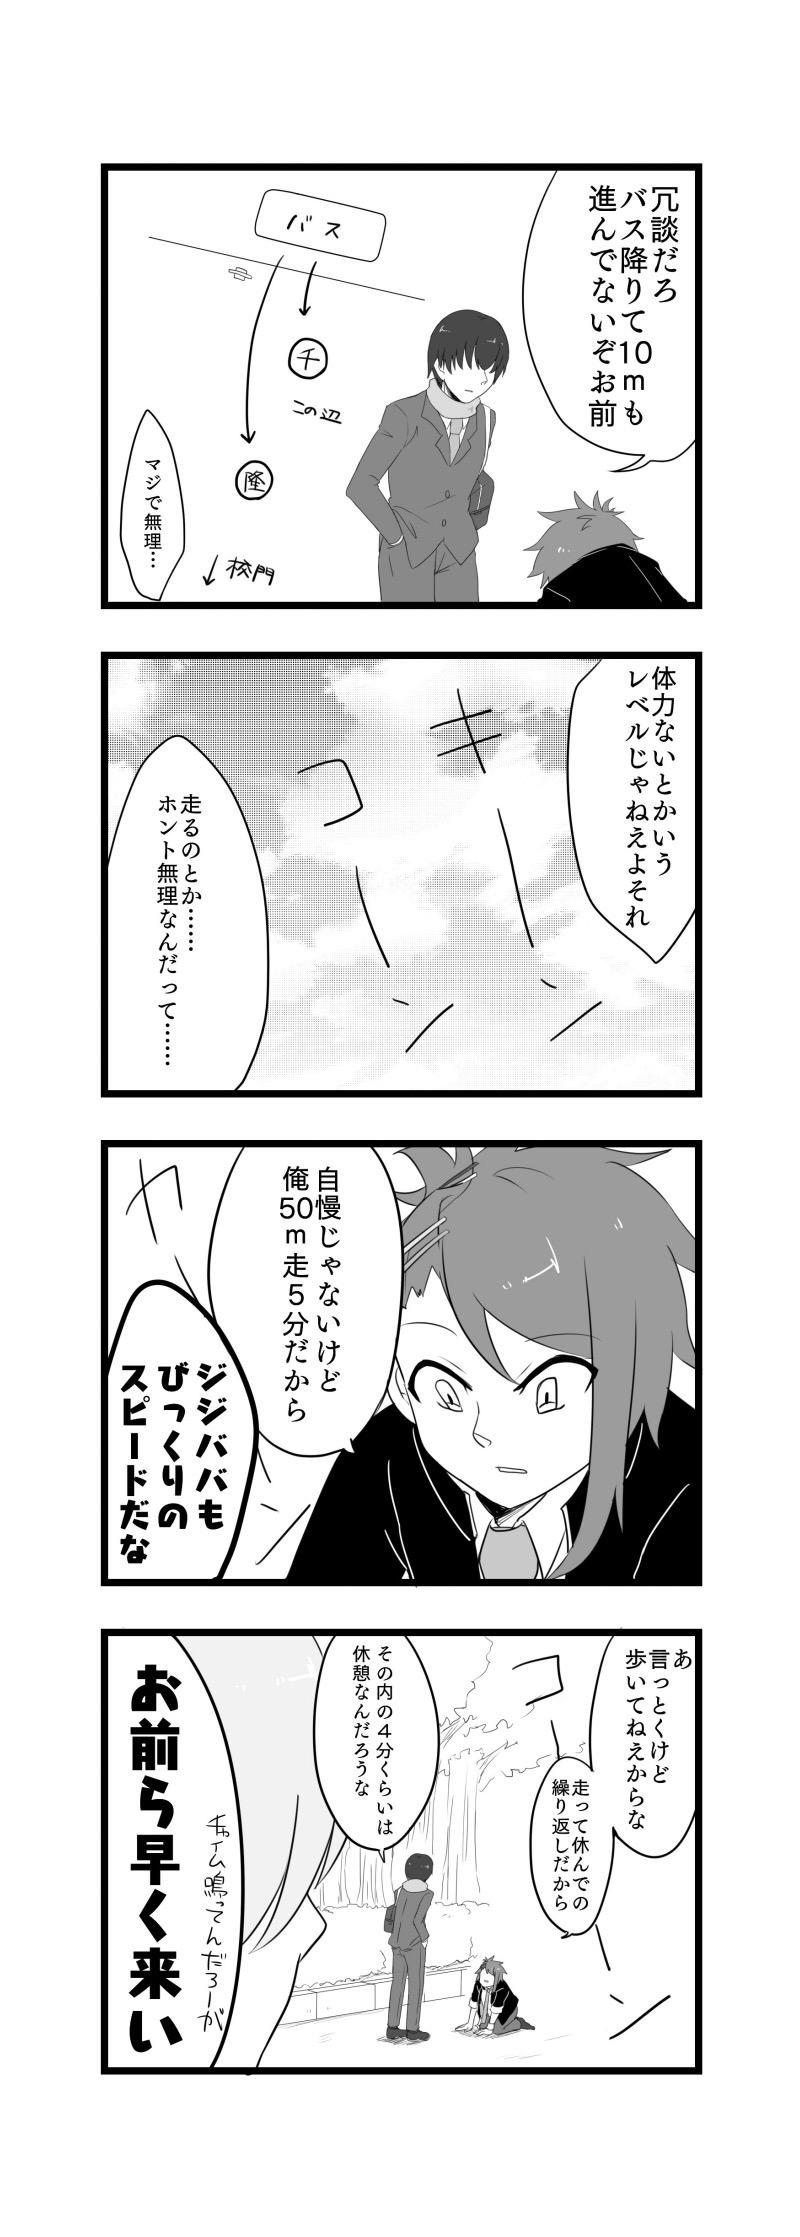 4.バイト感覚